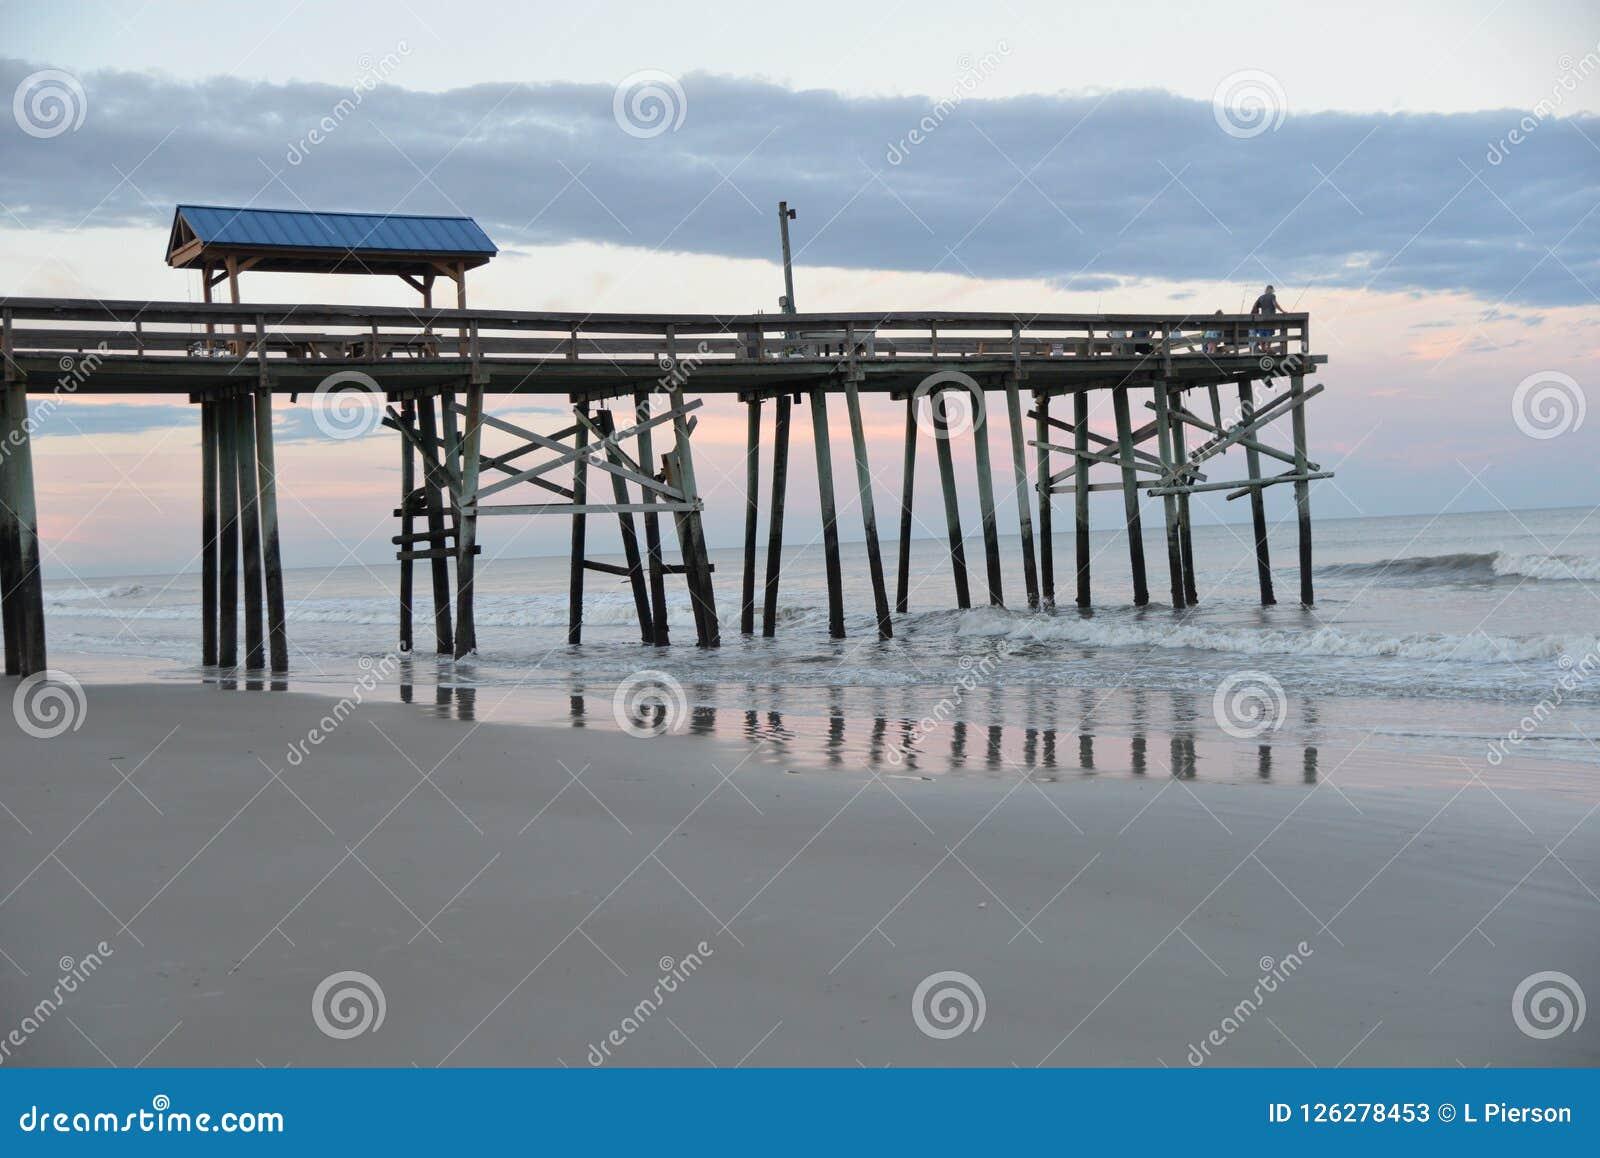 Il pilastro si sporge dopo gli interruttori e fornisce una grande posizione di vantaggio di pesca